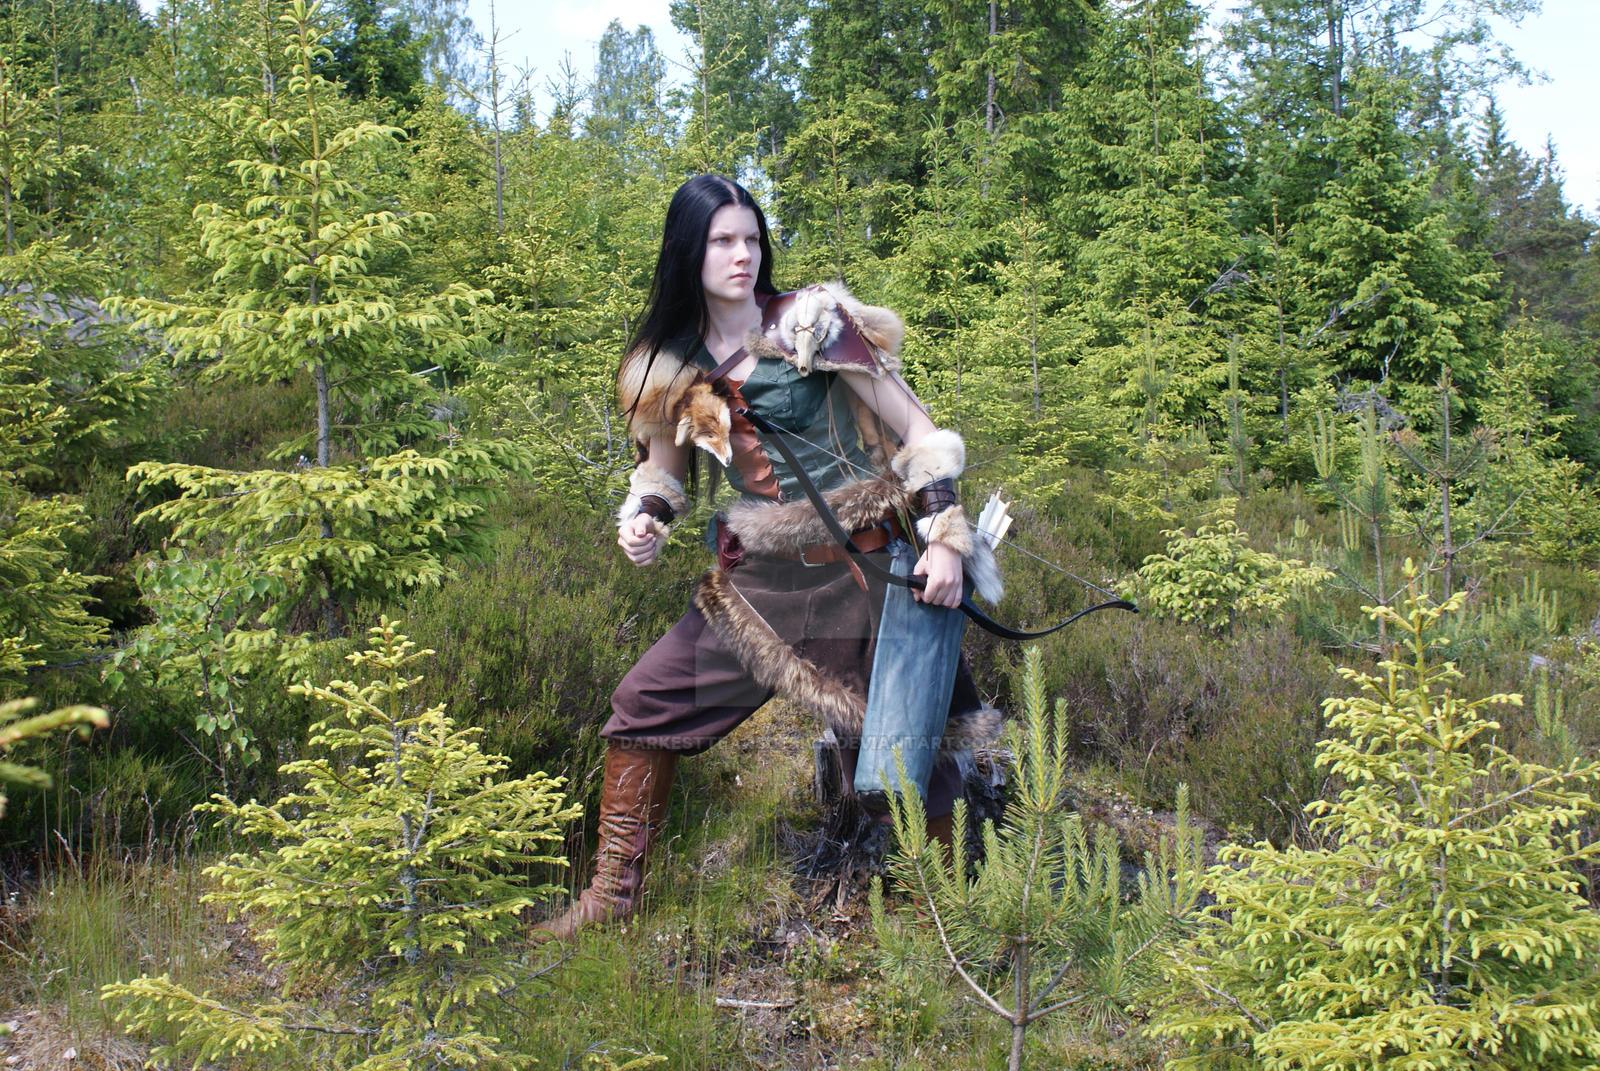 Amazon.com: Reminisce Medieval Renaissance Faire Huntress Lady ...